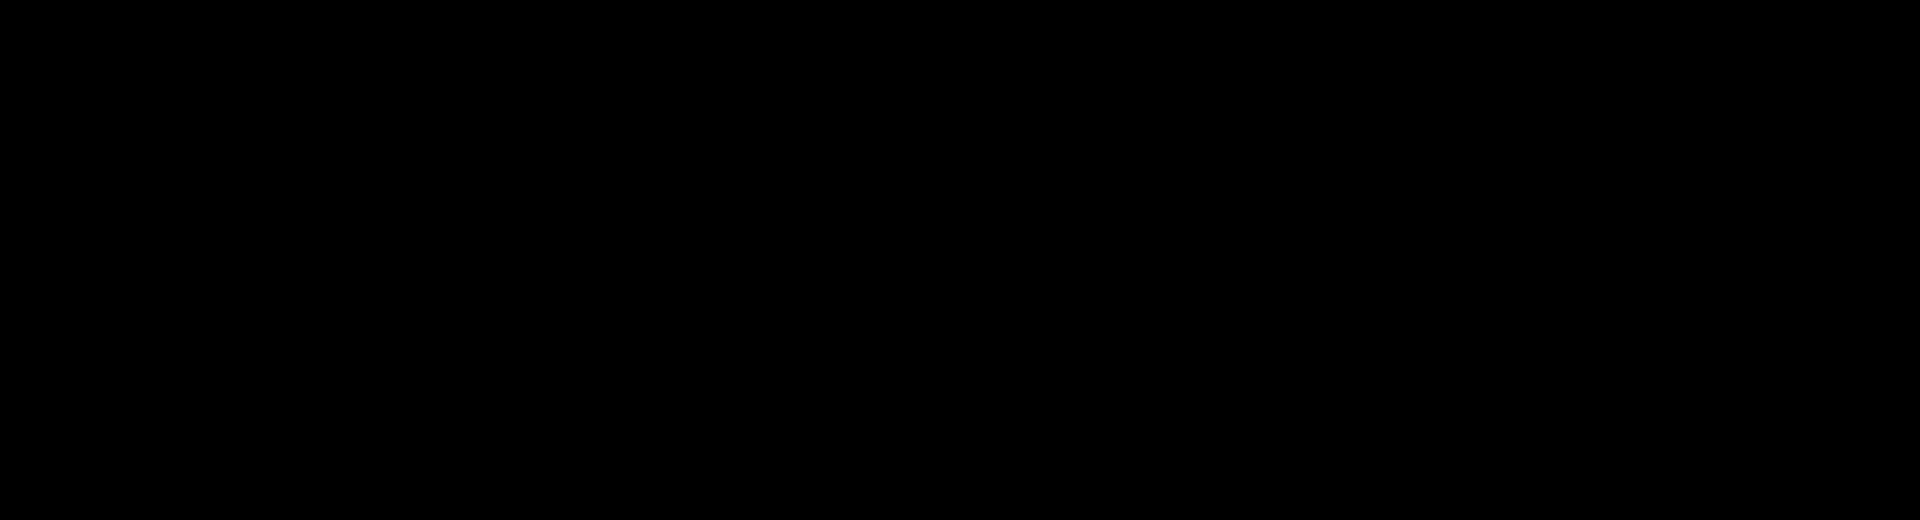 bg-shape-client